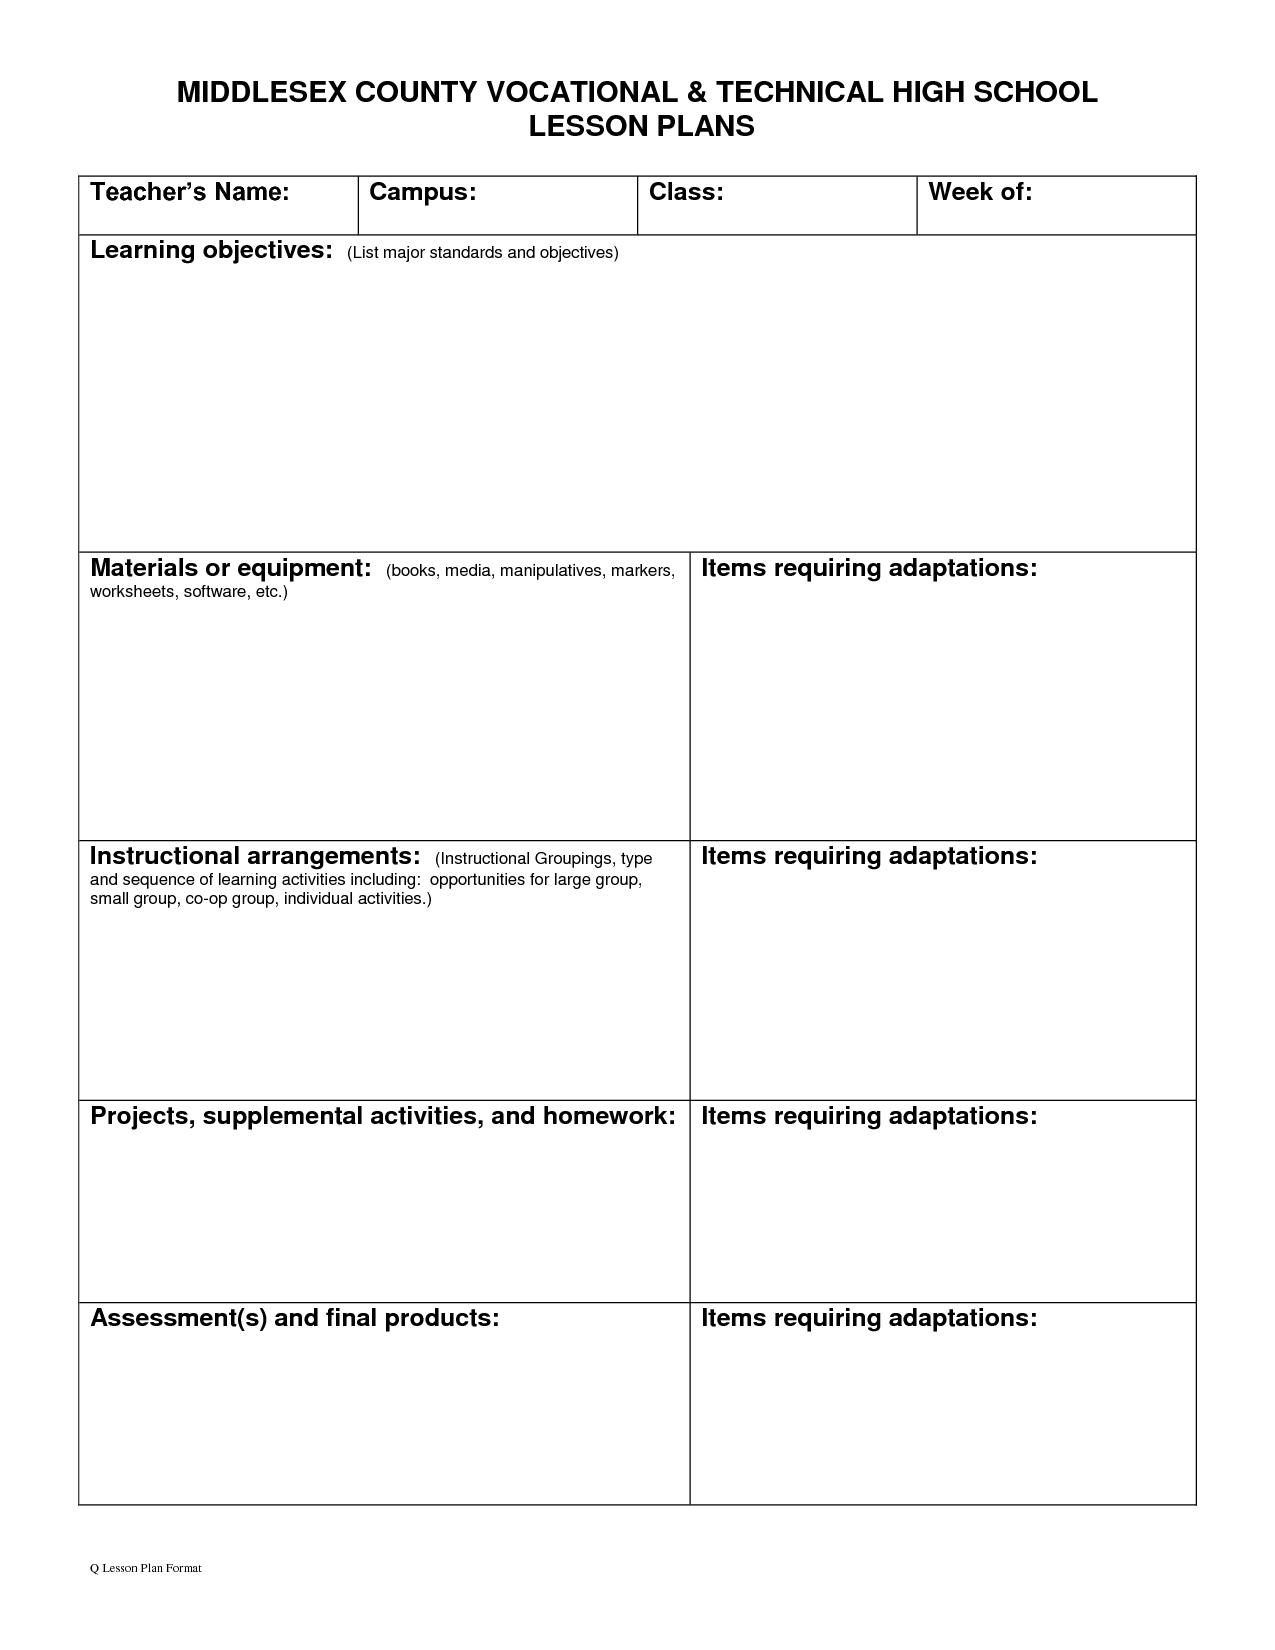 Choosing A Career Worksheet